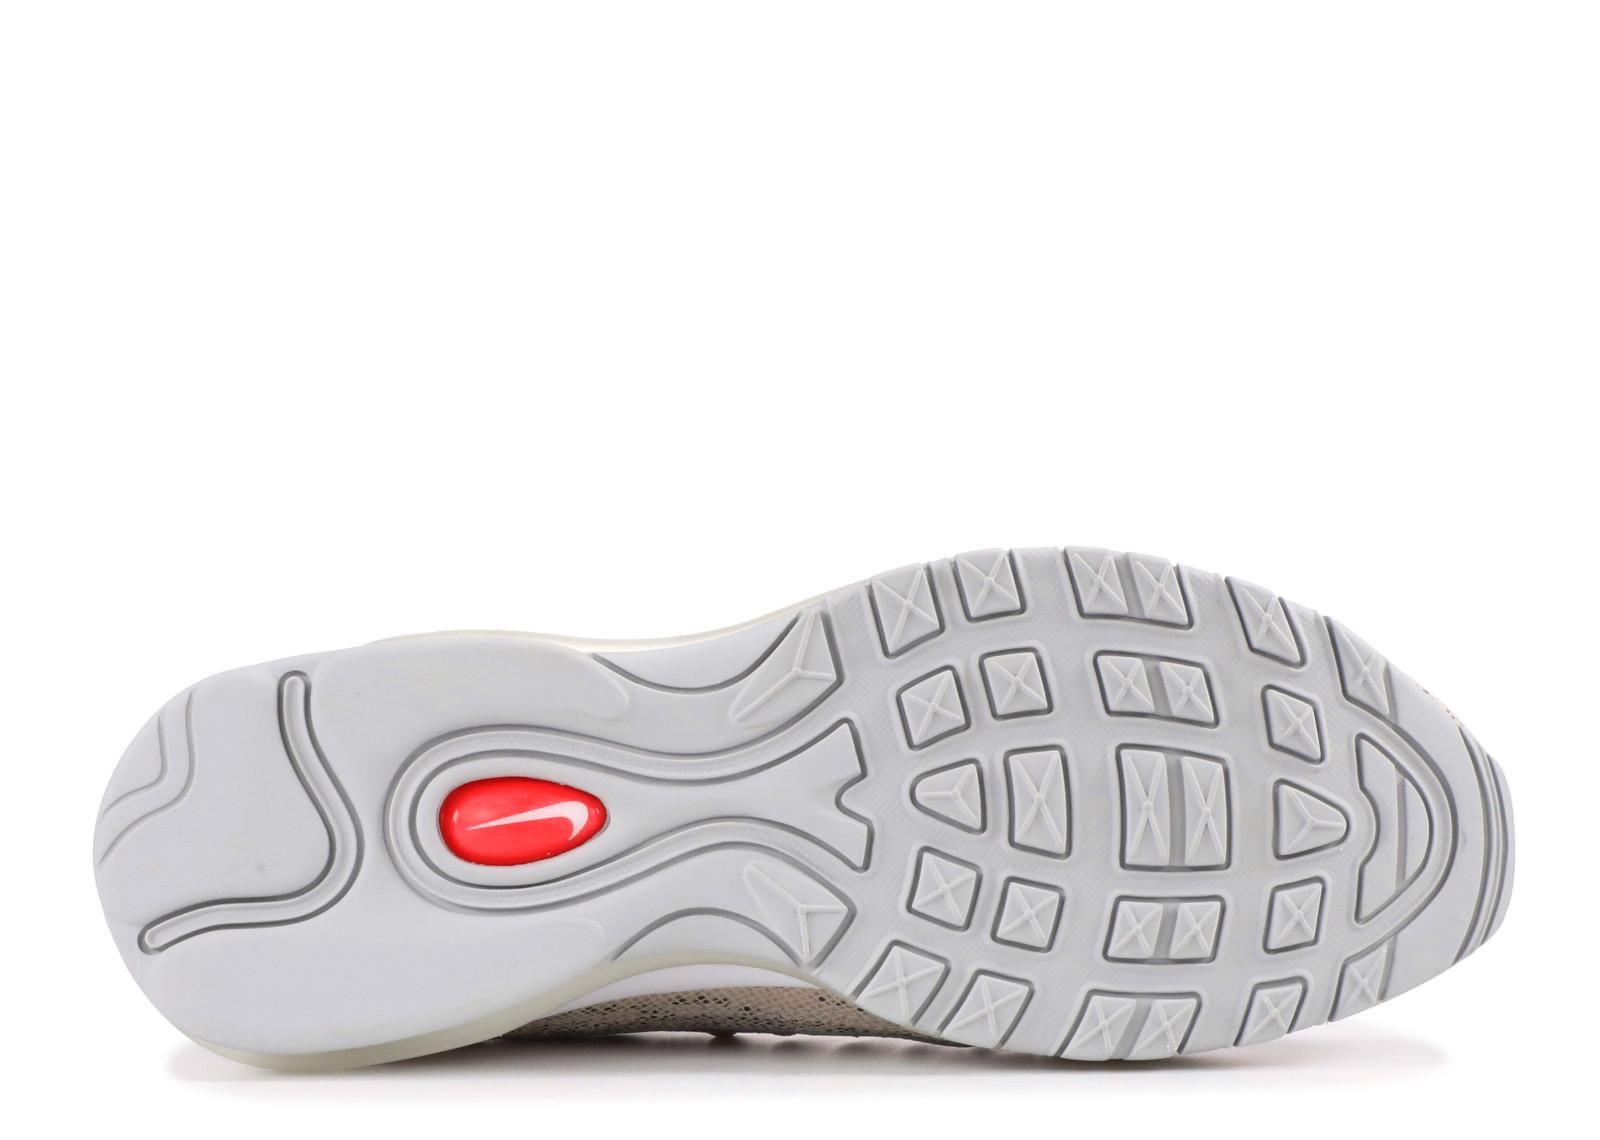 on sale c9754 b5d4a Kick Avenue - Authentic Sneakers